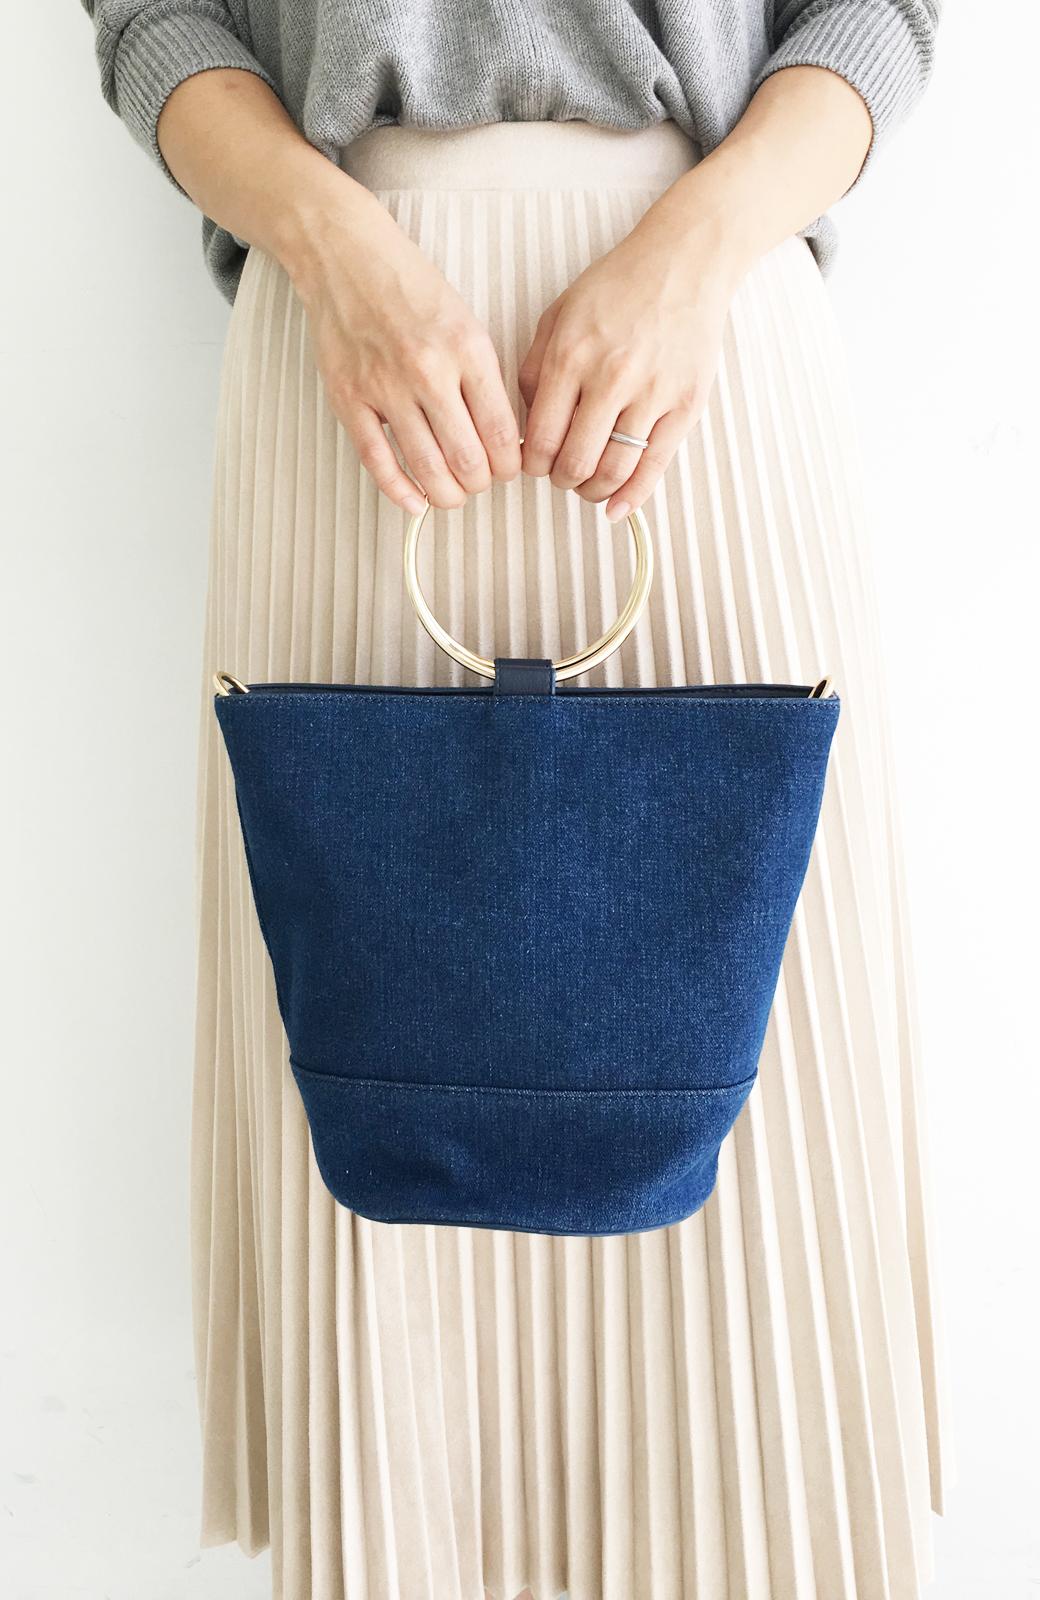 haco! リングバケツ型バッグ <ブルー>の商品写真3